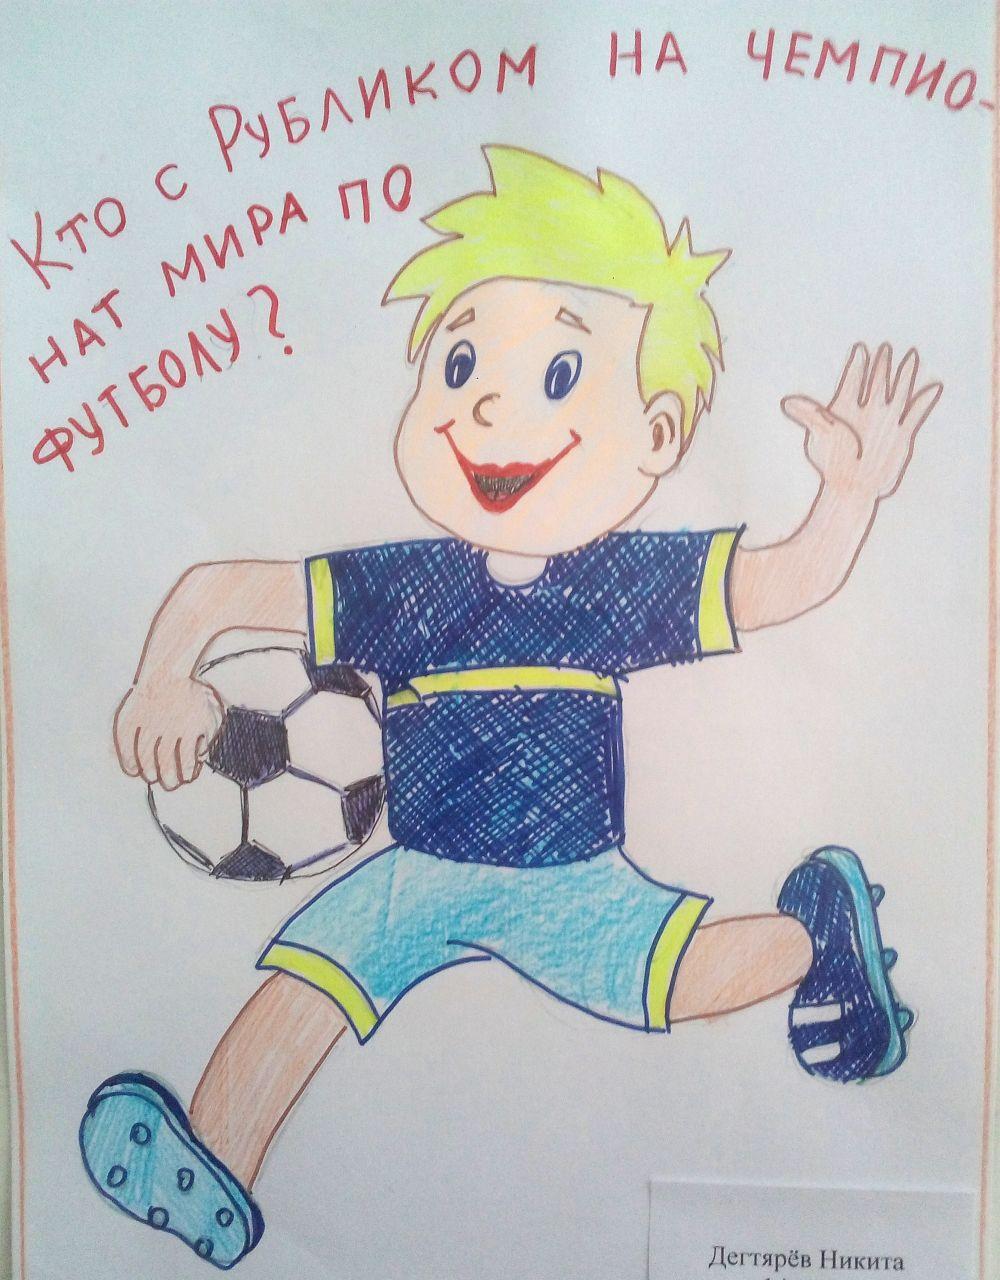 Дегтярёв Никита, 14 лет, Изобильный